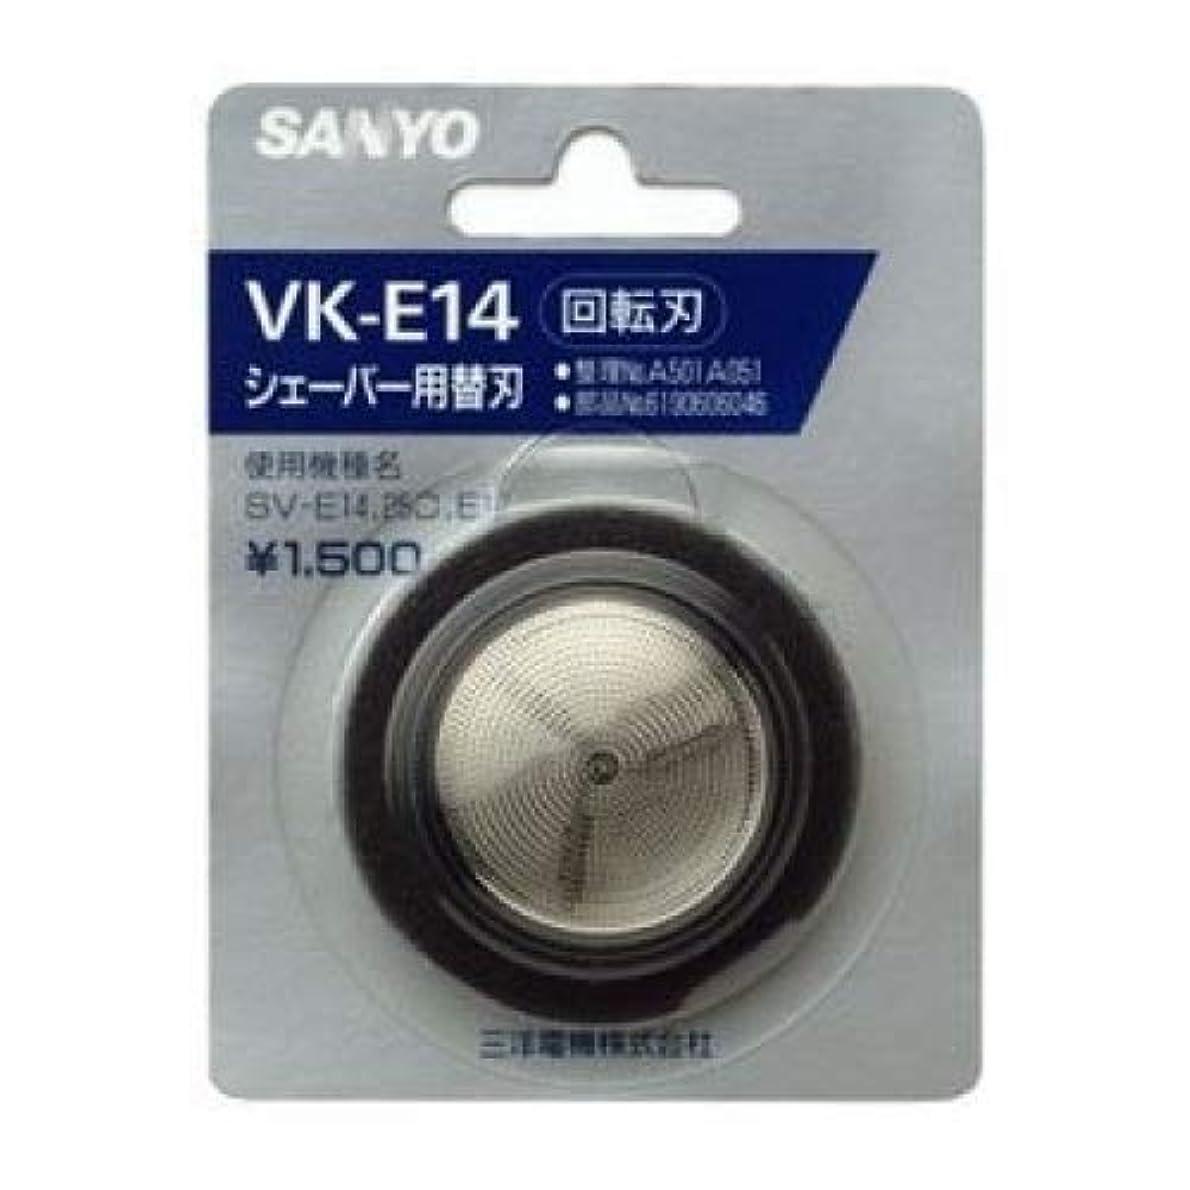 逆説日食バランスSANYO シェーバー用替刃 回転式 内?外刃セット KA-VK-E14